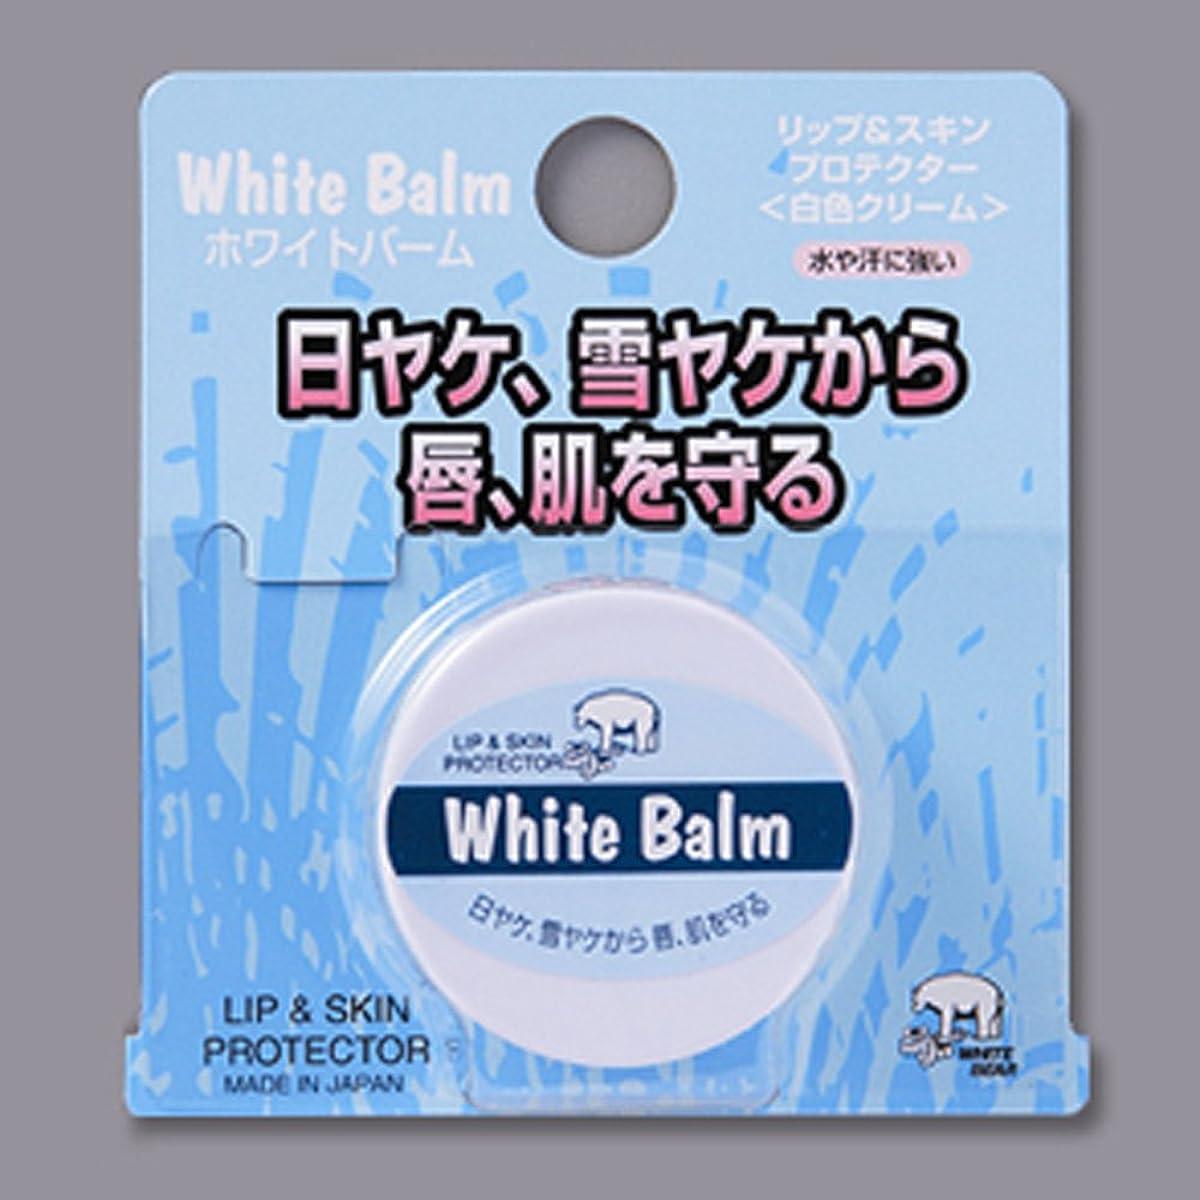 不適当欺く当社ホワイトバーム リップ&スキンプロテクター 白色クリーム 強力日焼け止め No.555